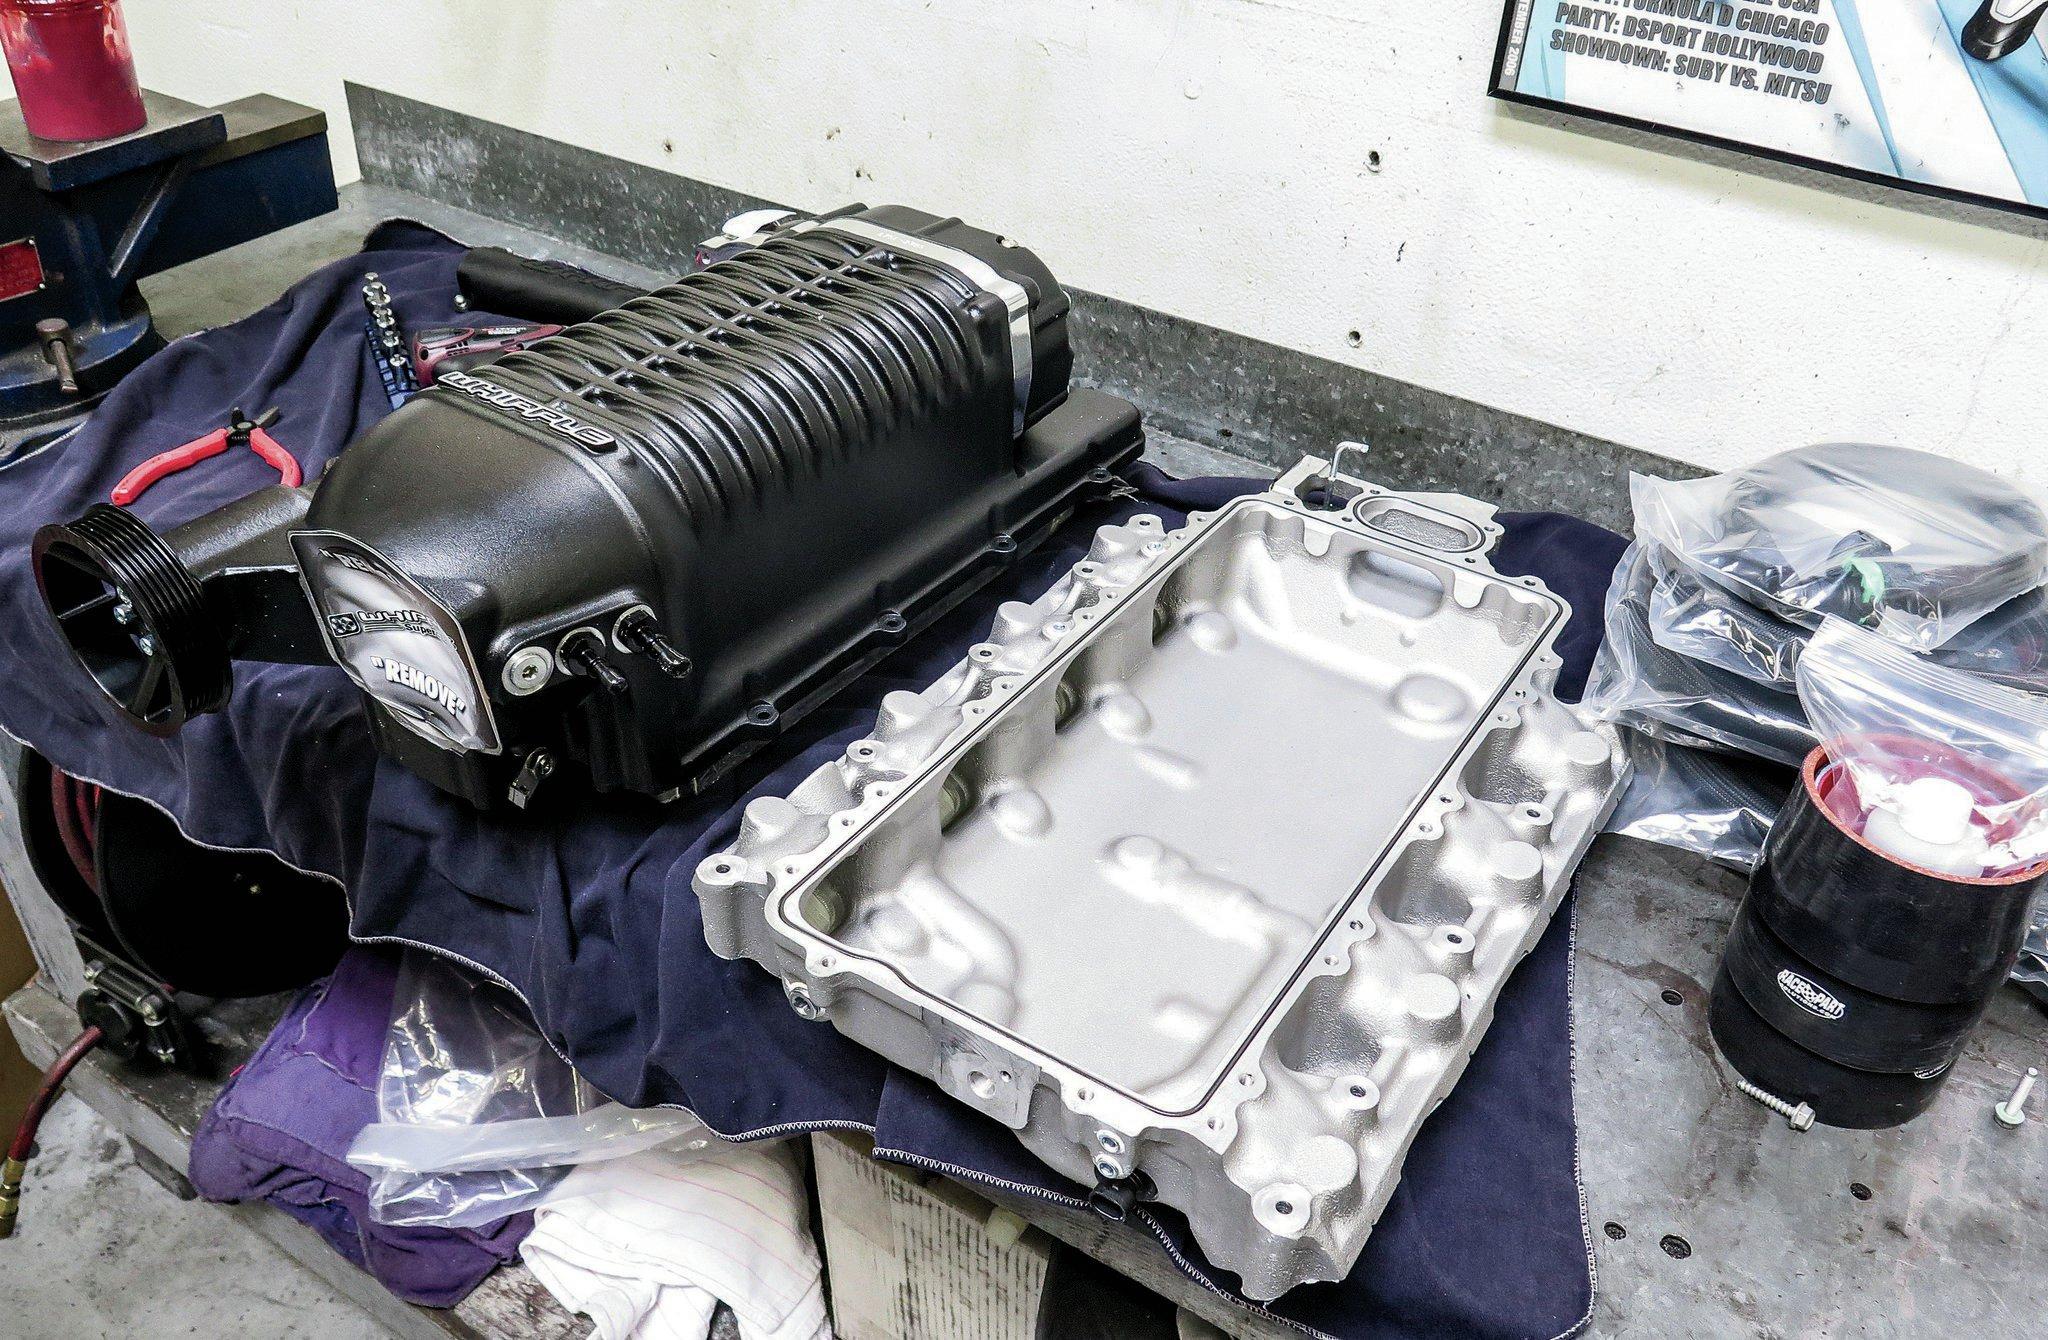 2014-GM 5 3L V8 LT1 Whipple Supercharger Install